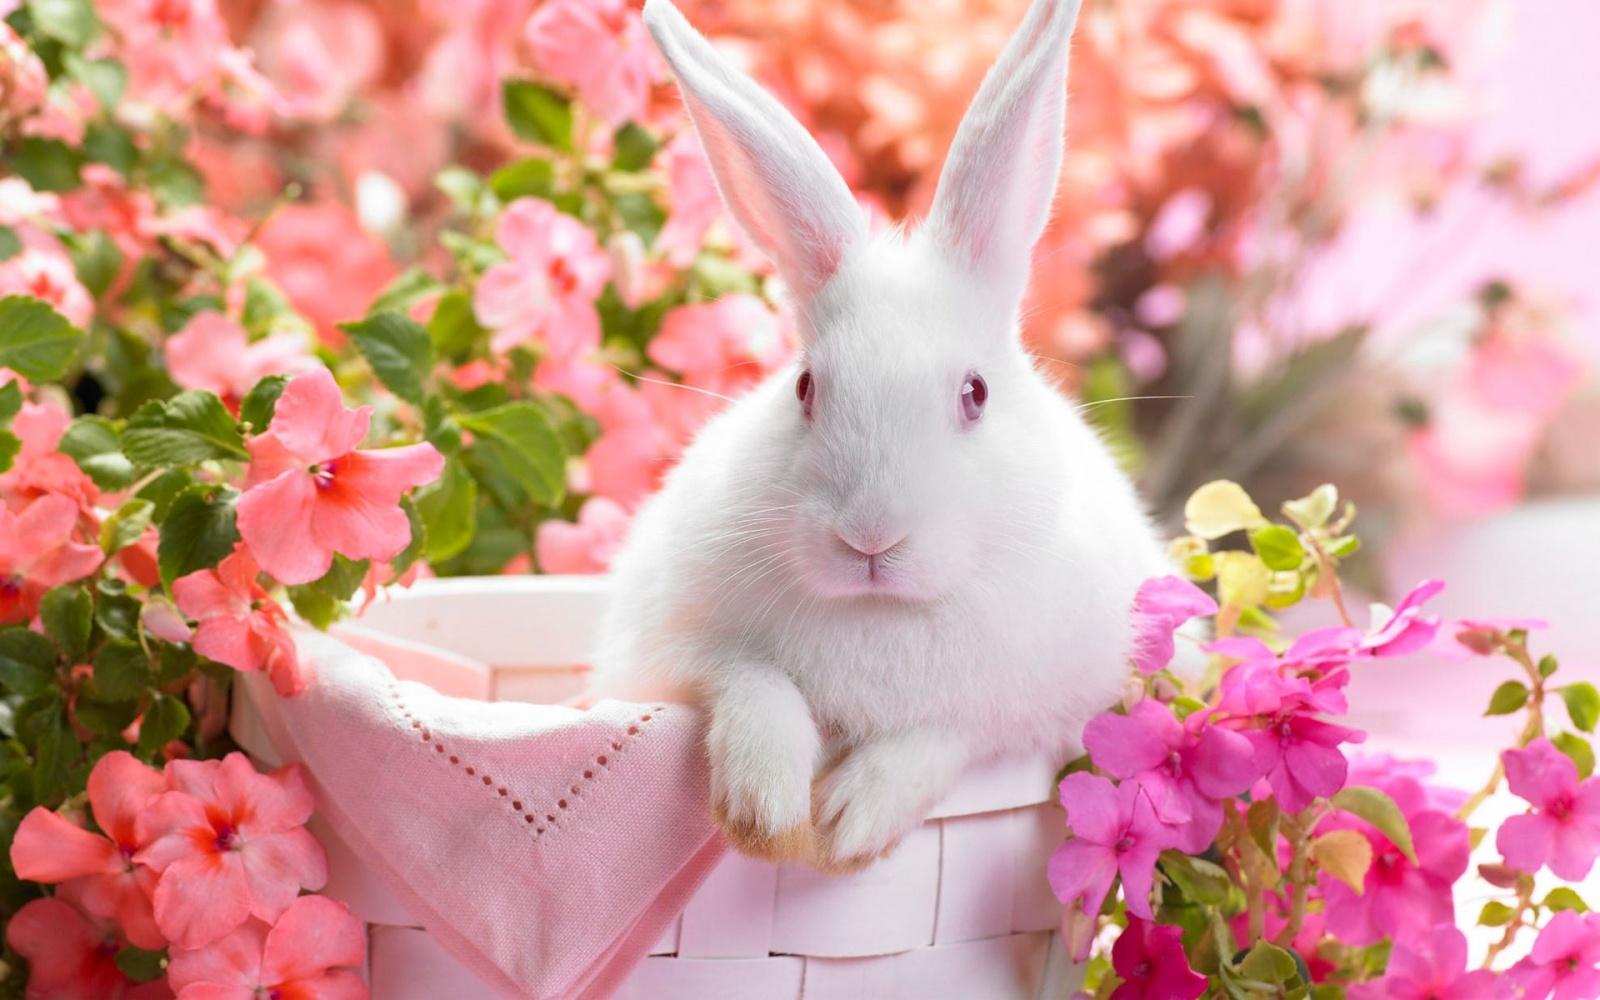 خرگوش زیبا در بهار